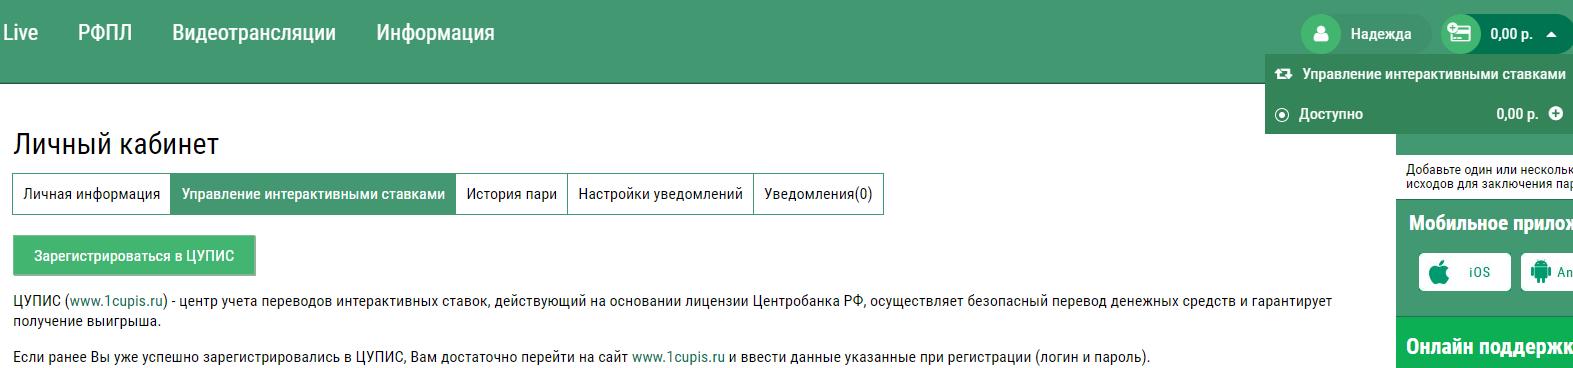 Букмекерская контора онлайн без регистрации